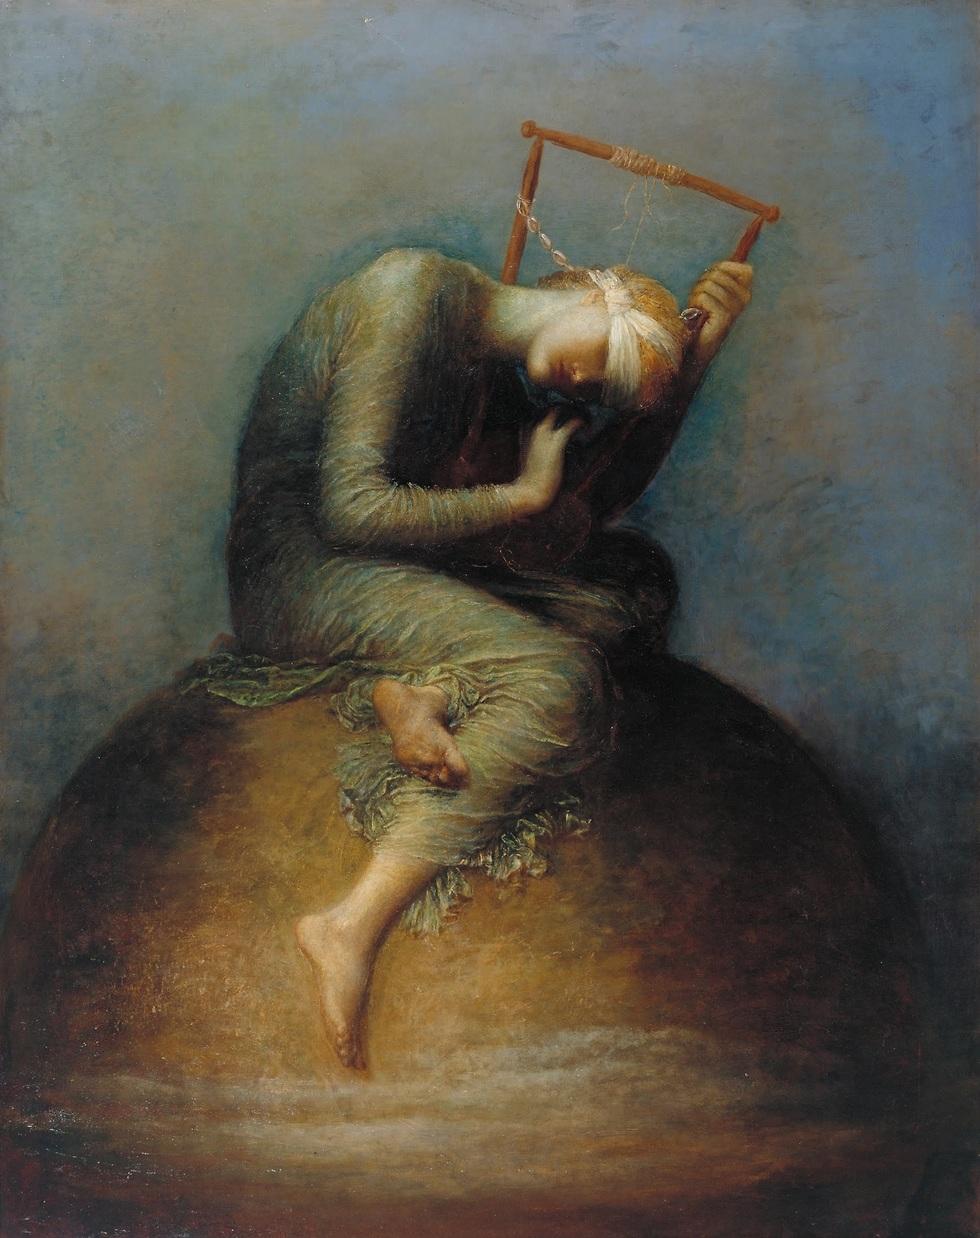 הציור של ג'ורג' פרדריק וואטס (צילום: מתוך ויקיפדיה)